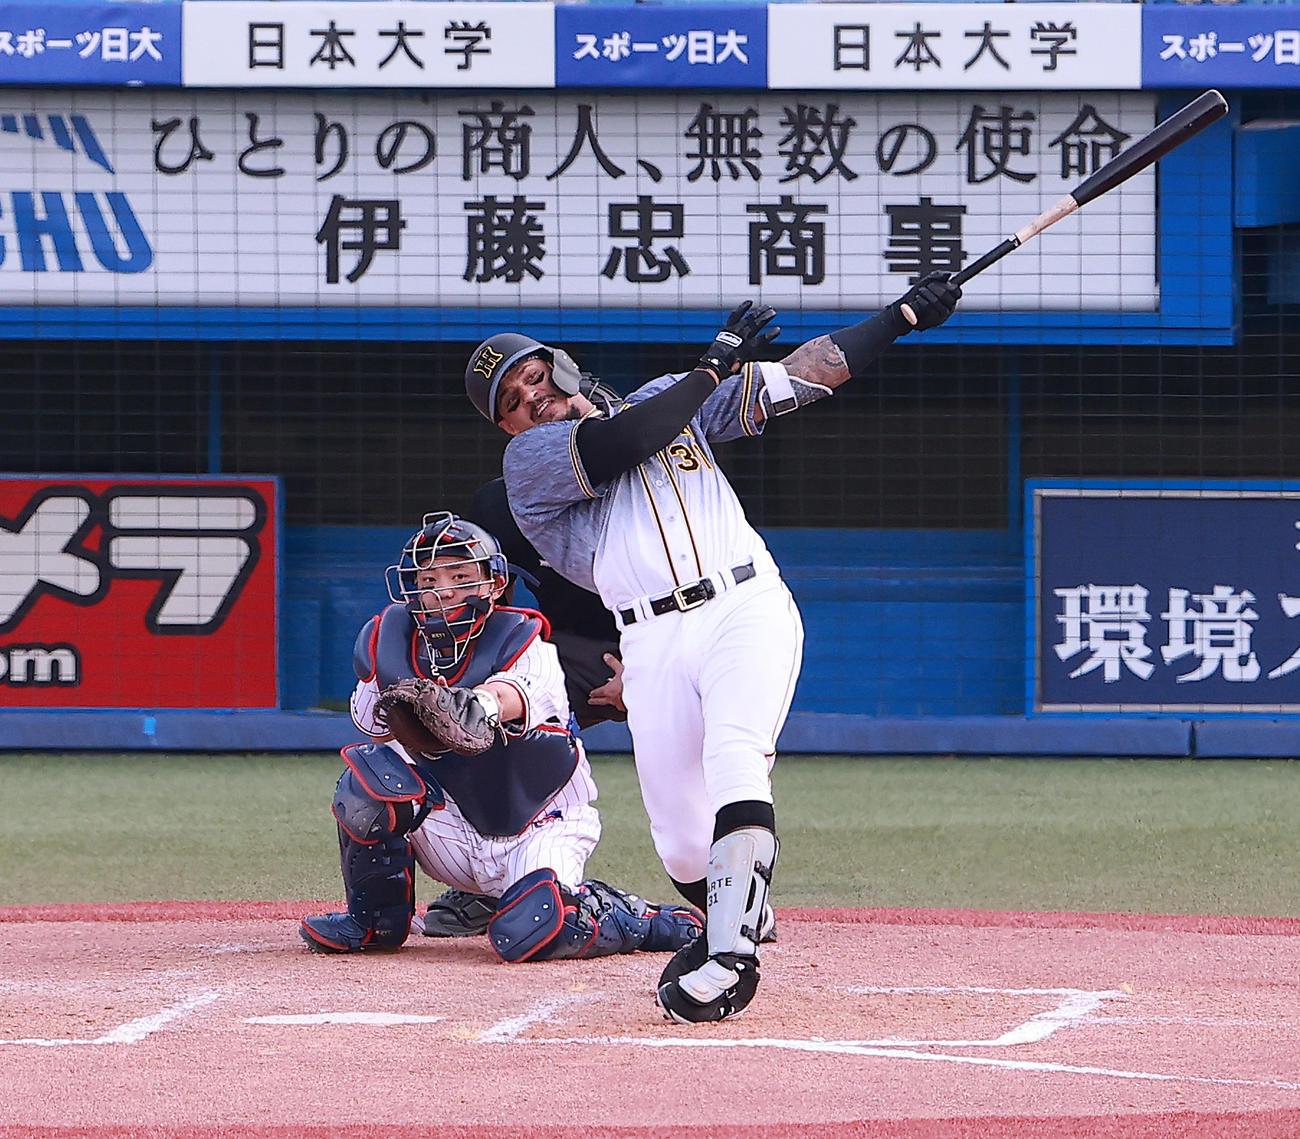 ヤクルト対阪神 7回表阪神1死、近藤から左越え本塁打を放つマルテ(撮影・野上伸悟)